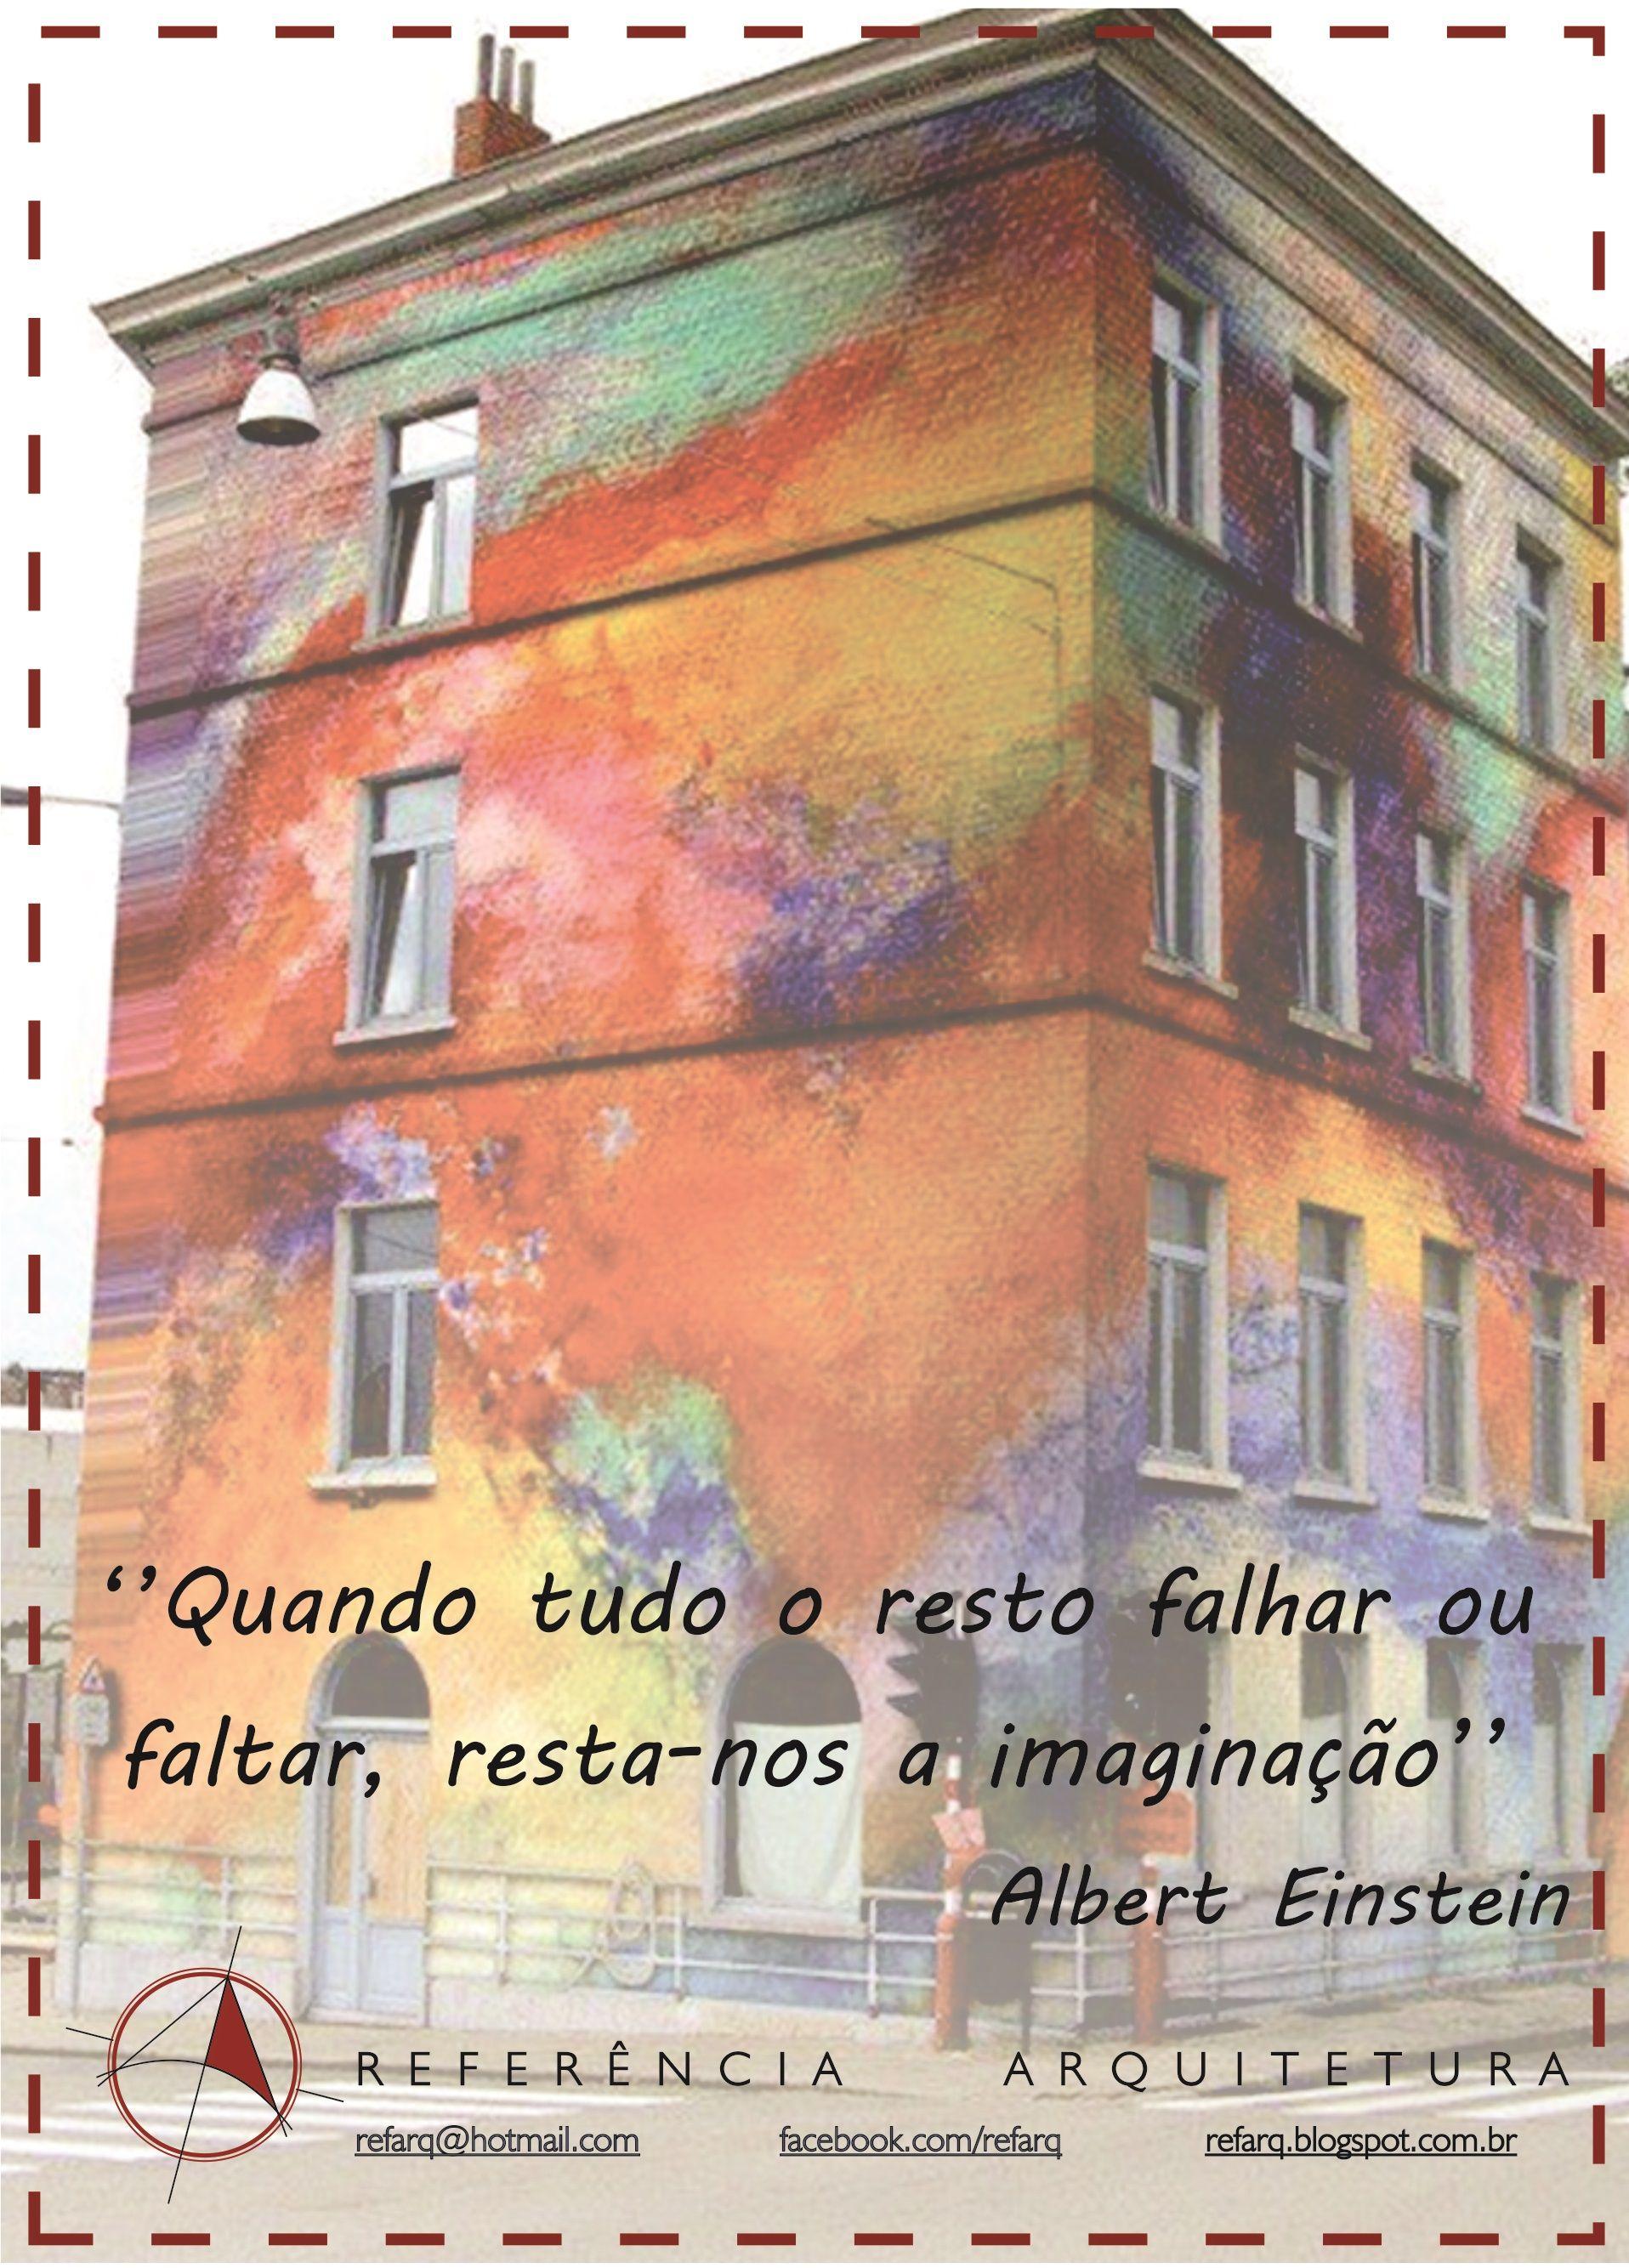 ''Quando tudo o resto falhar ou faltar, resta-nos a imaginação''